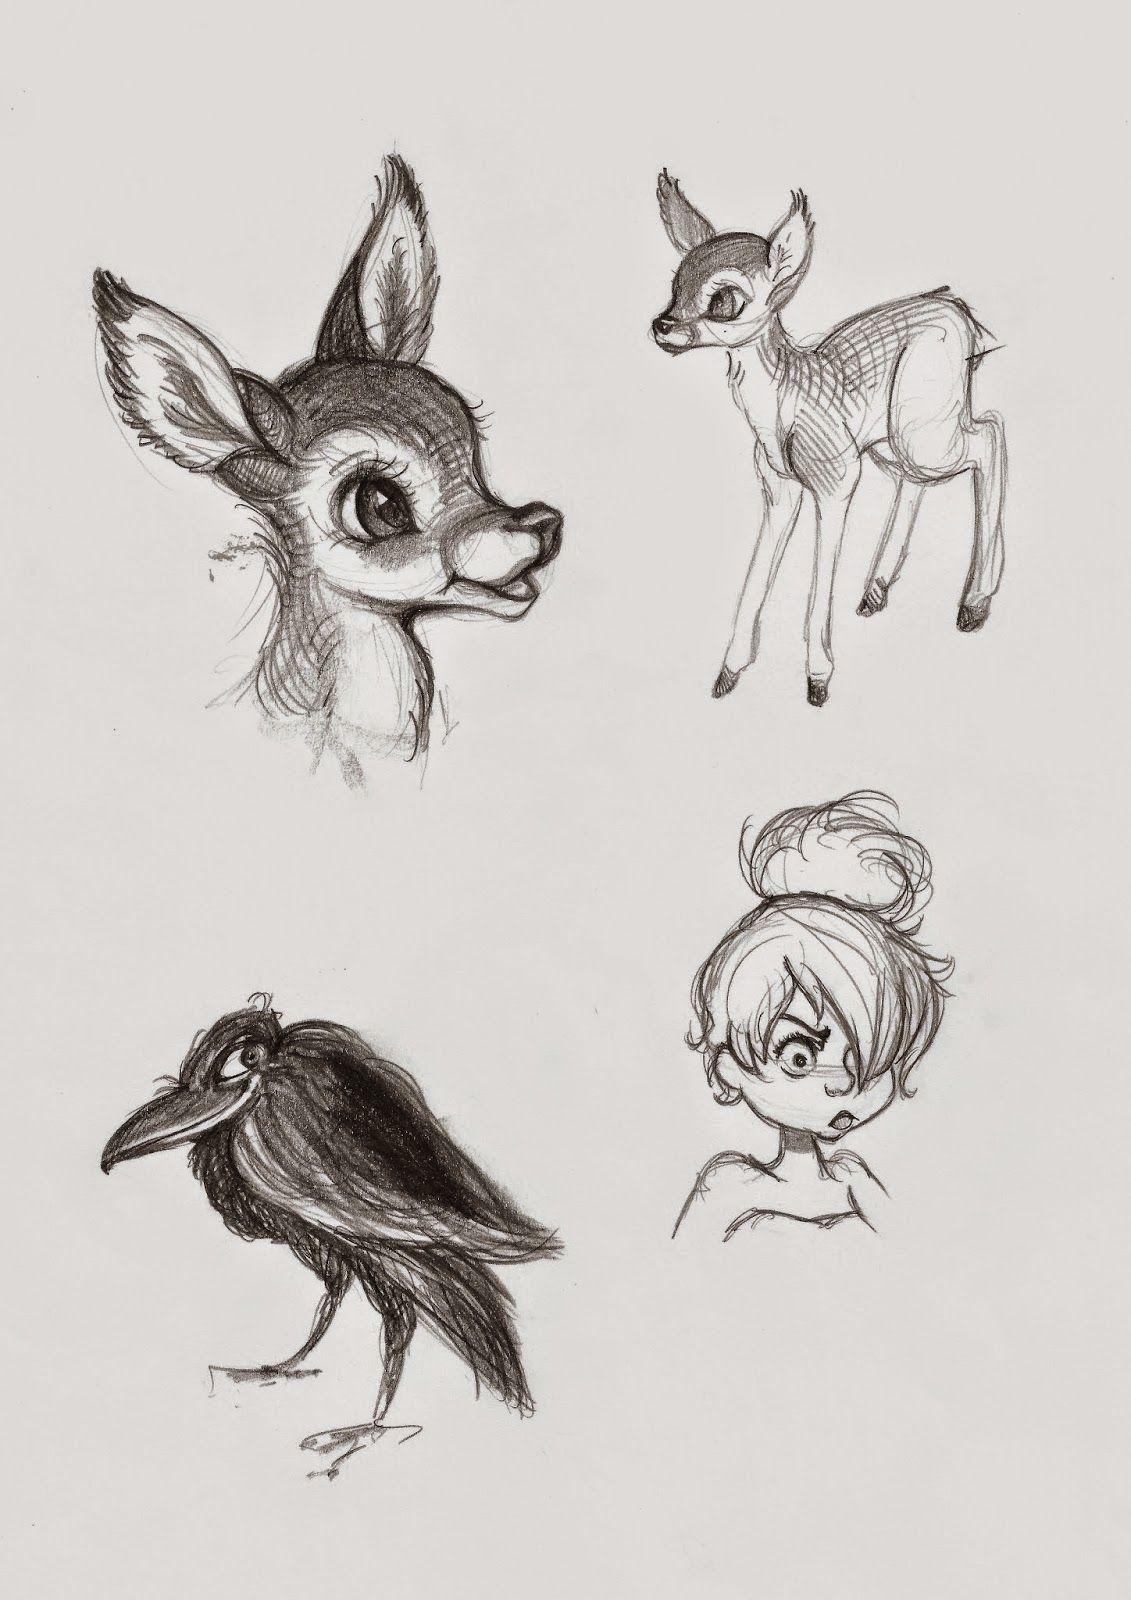 R sultat de recherche d 39 images pour dessin crayon personnages disney dessins disney - Dessin de personnage disney ...